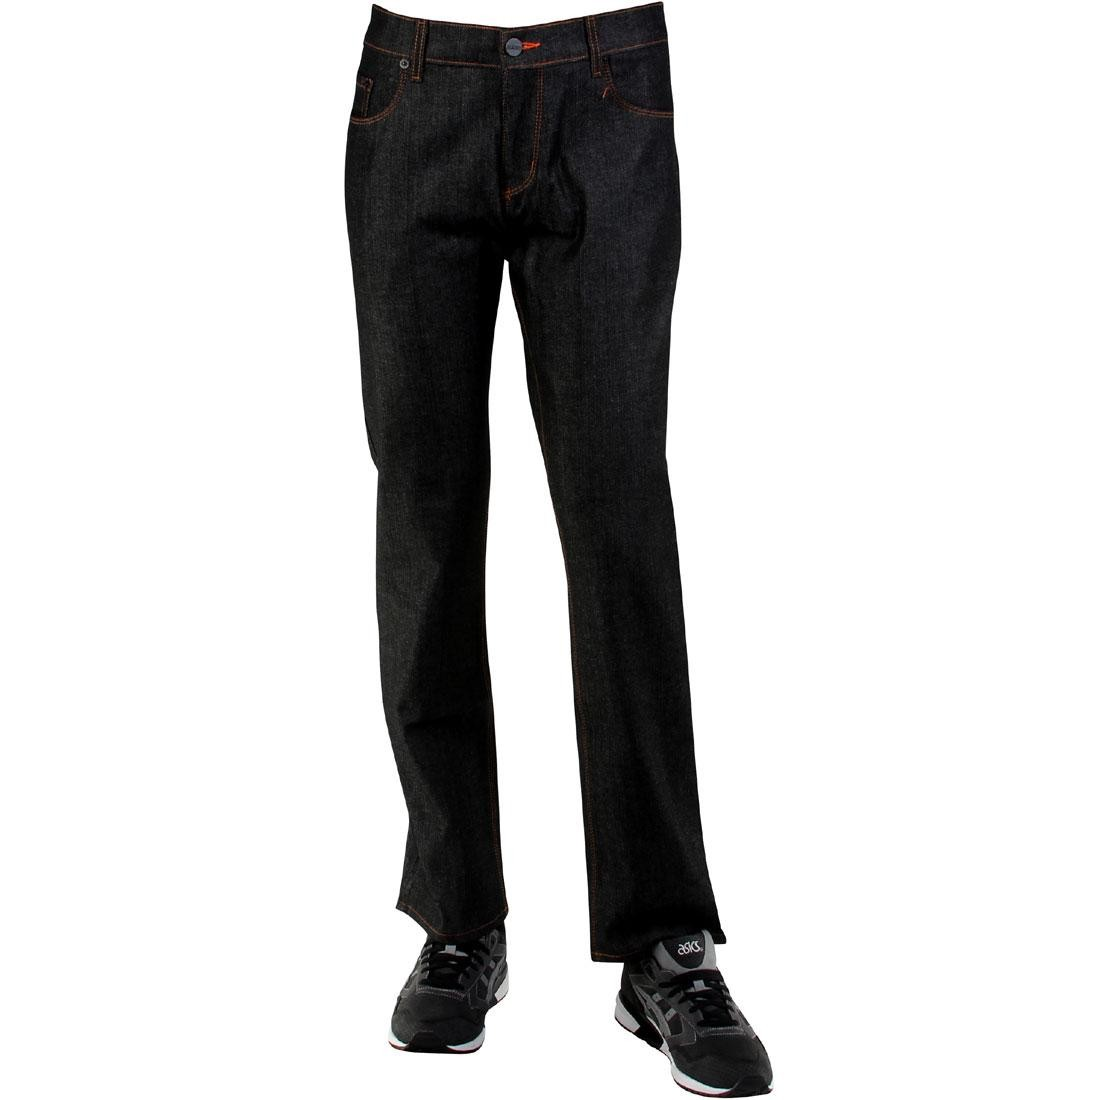 【海外限定】メンズファッション パンツ 【 BLKWD BLK ZOO RAW JEANS BLACK 】